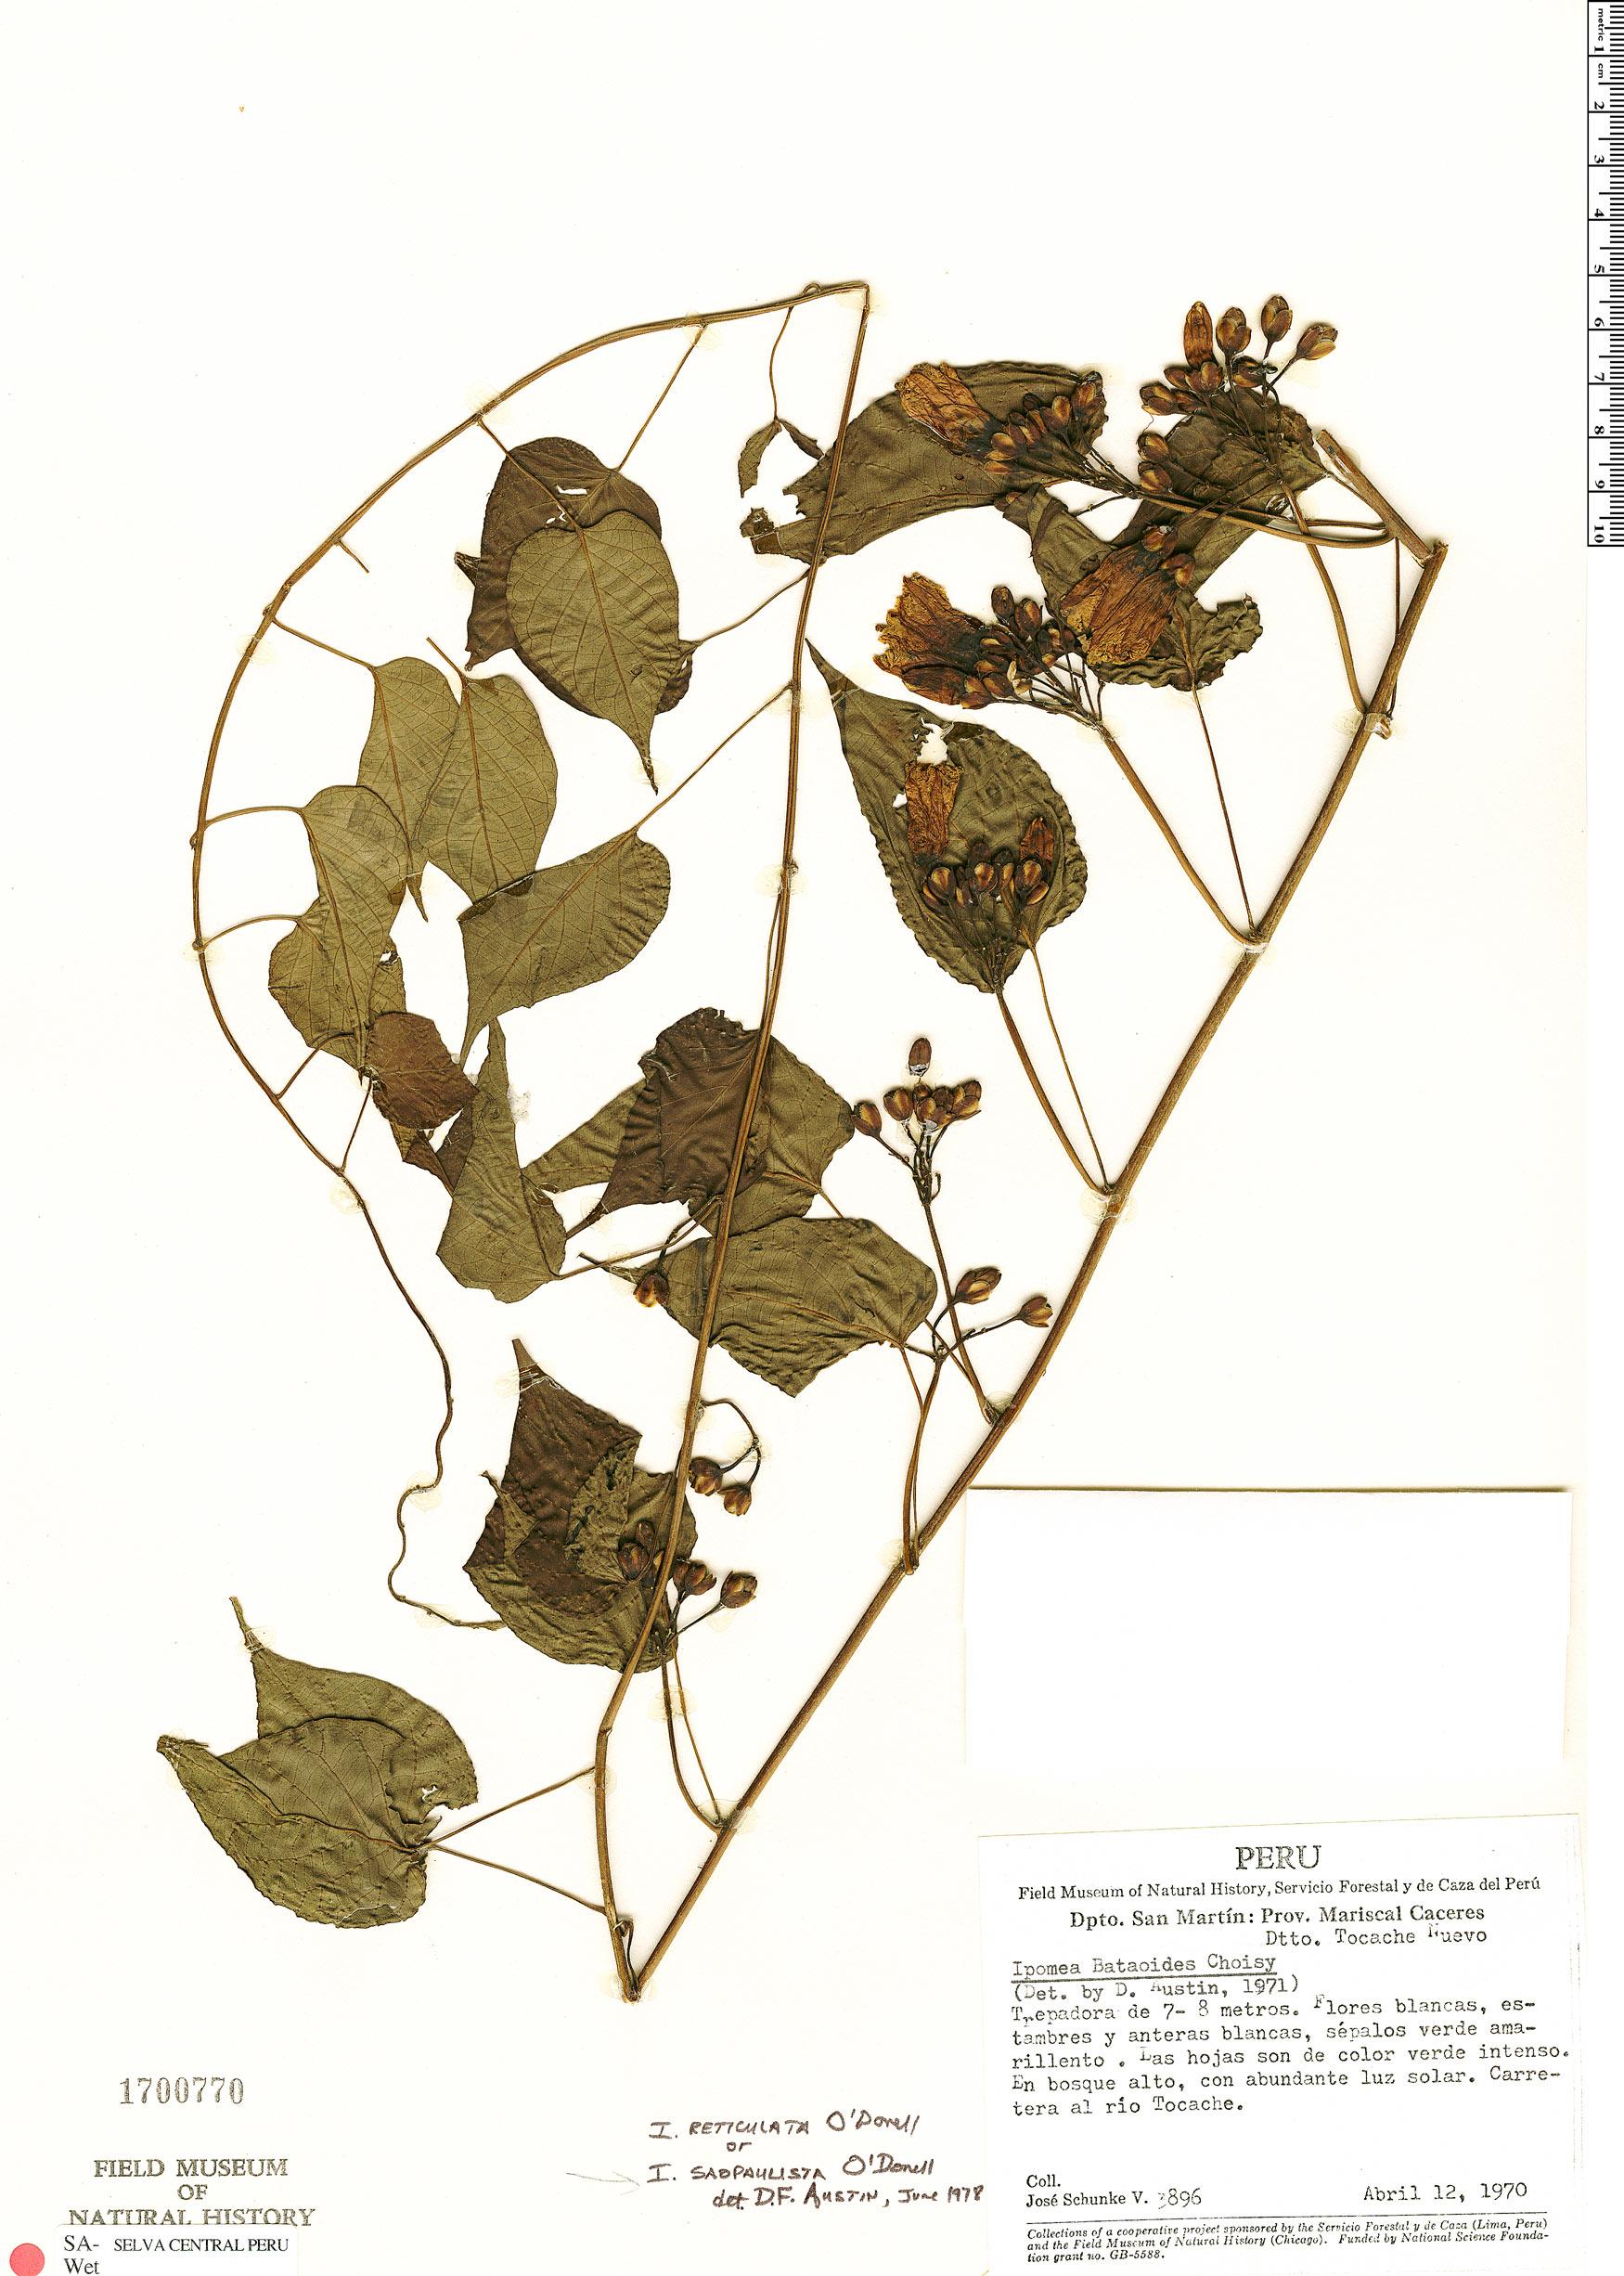 Specimen: Ipomoea reticulata